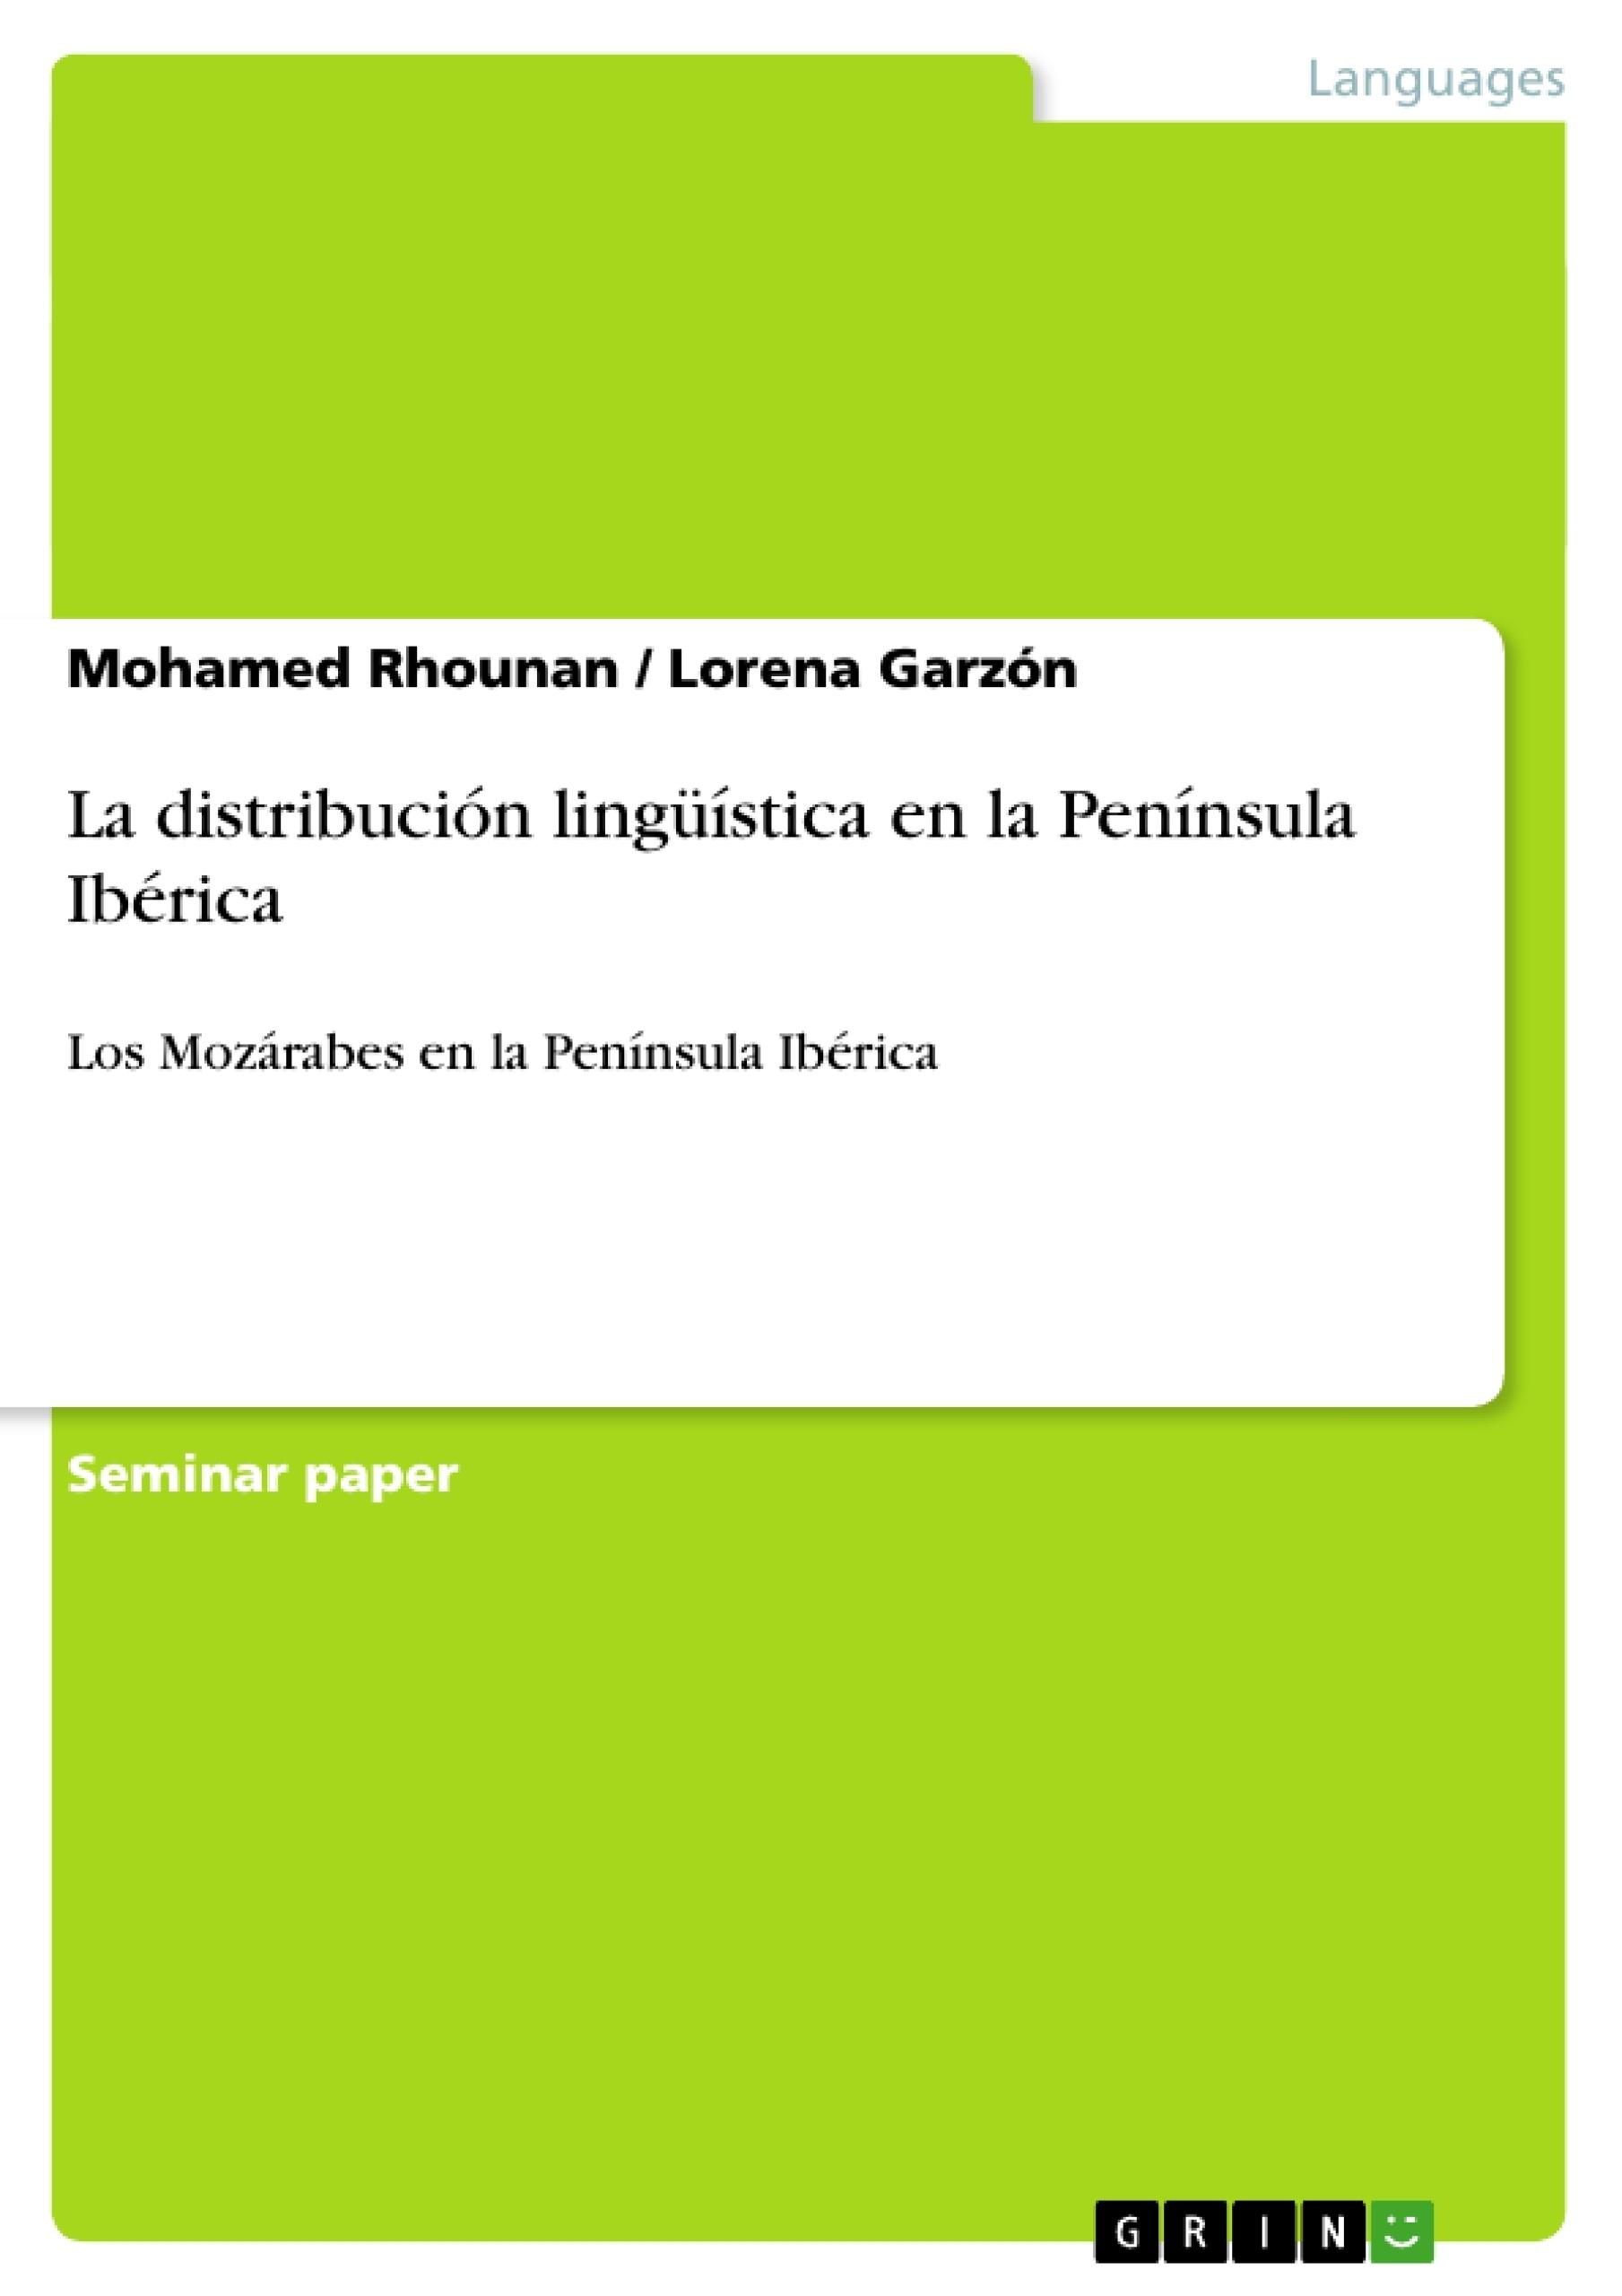 Título: La distribución lingüística en la Península Ibérica